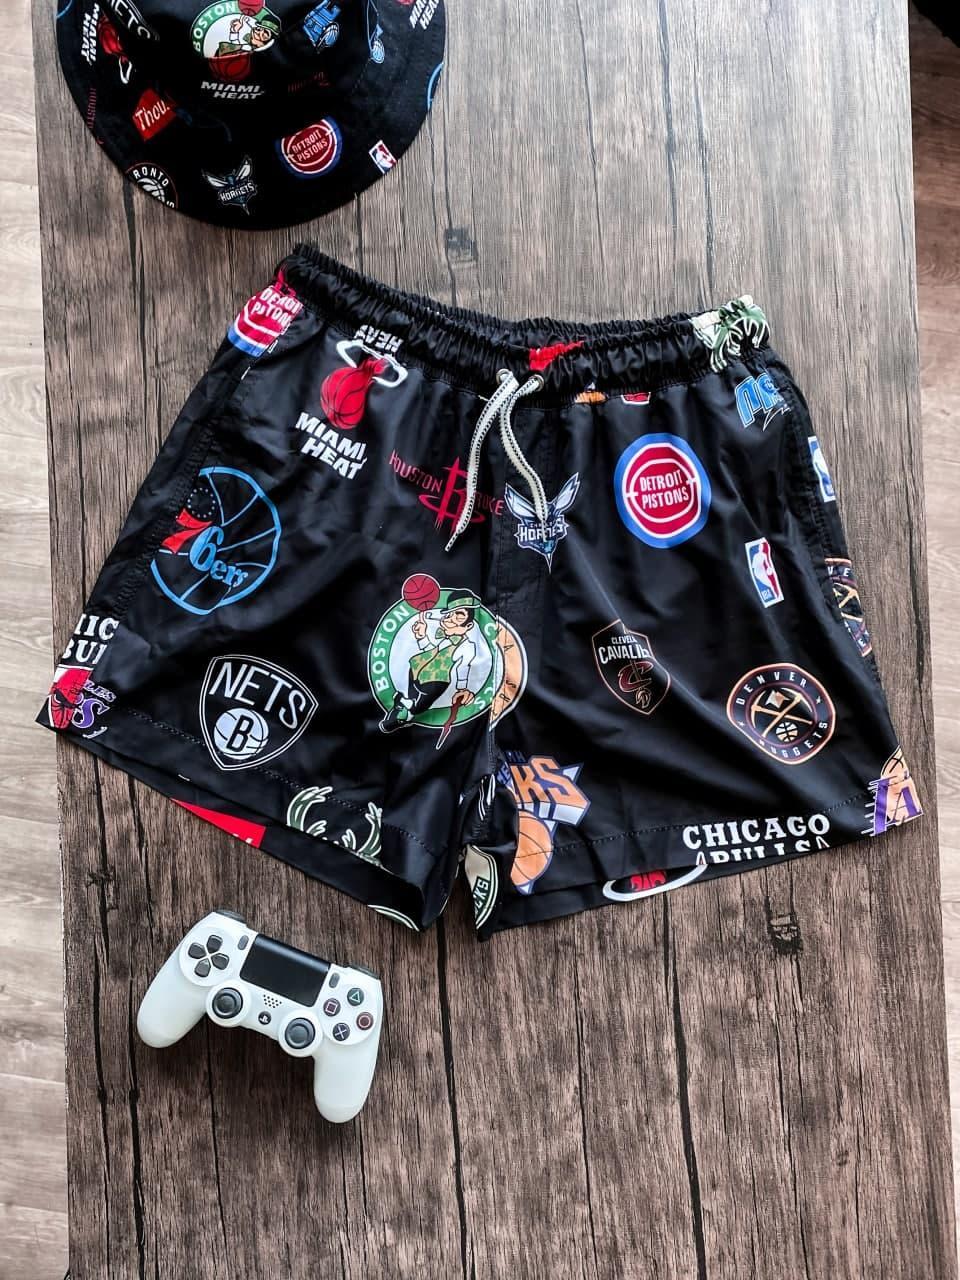 Мужские пляжные шорты с баскетбольными клубными логотипами (черные) плавательные на лето Spl7